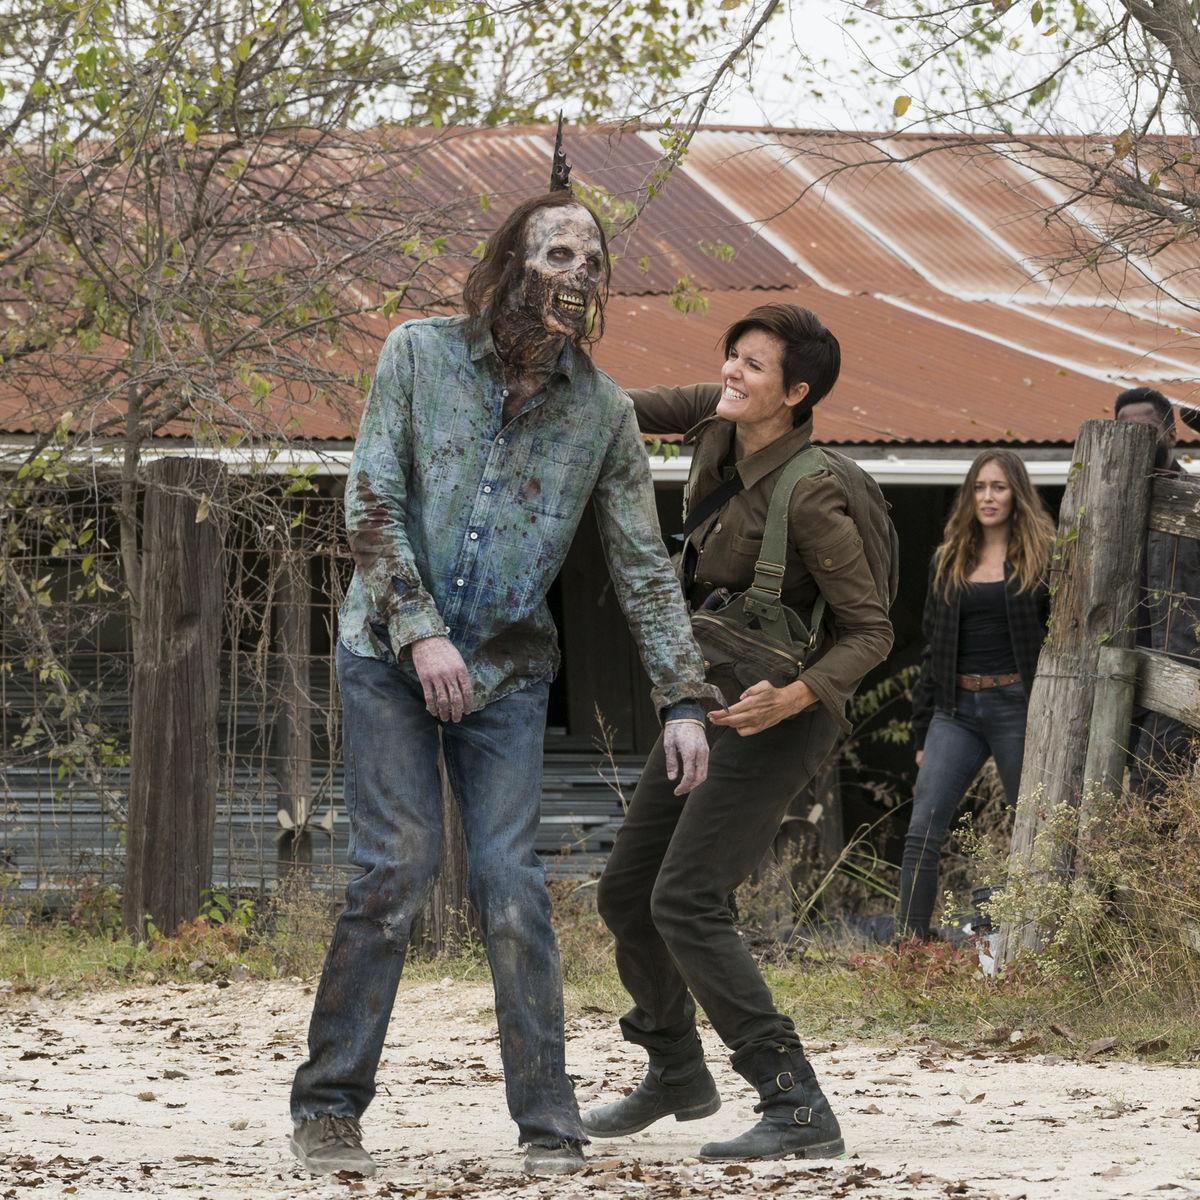 Fear the Walking Dead episode 403 - Al fighting a zombie